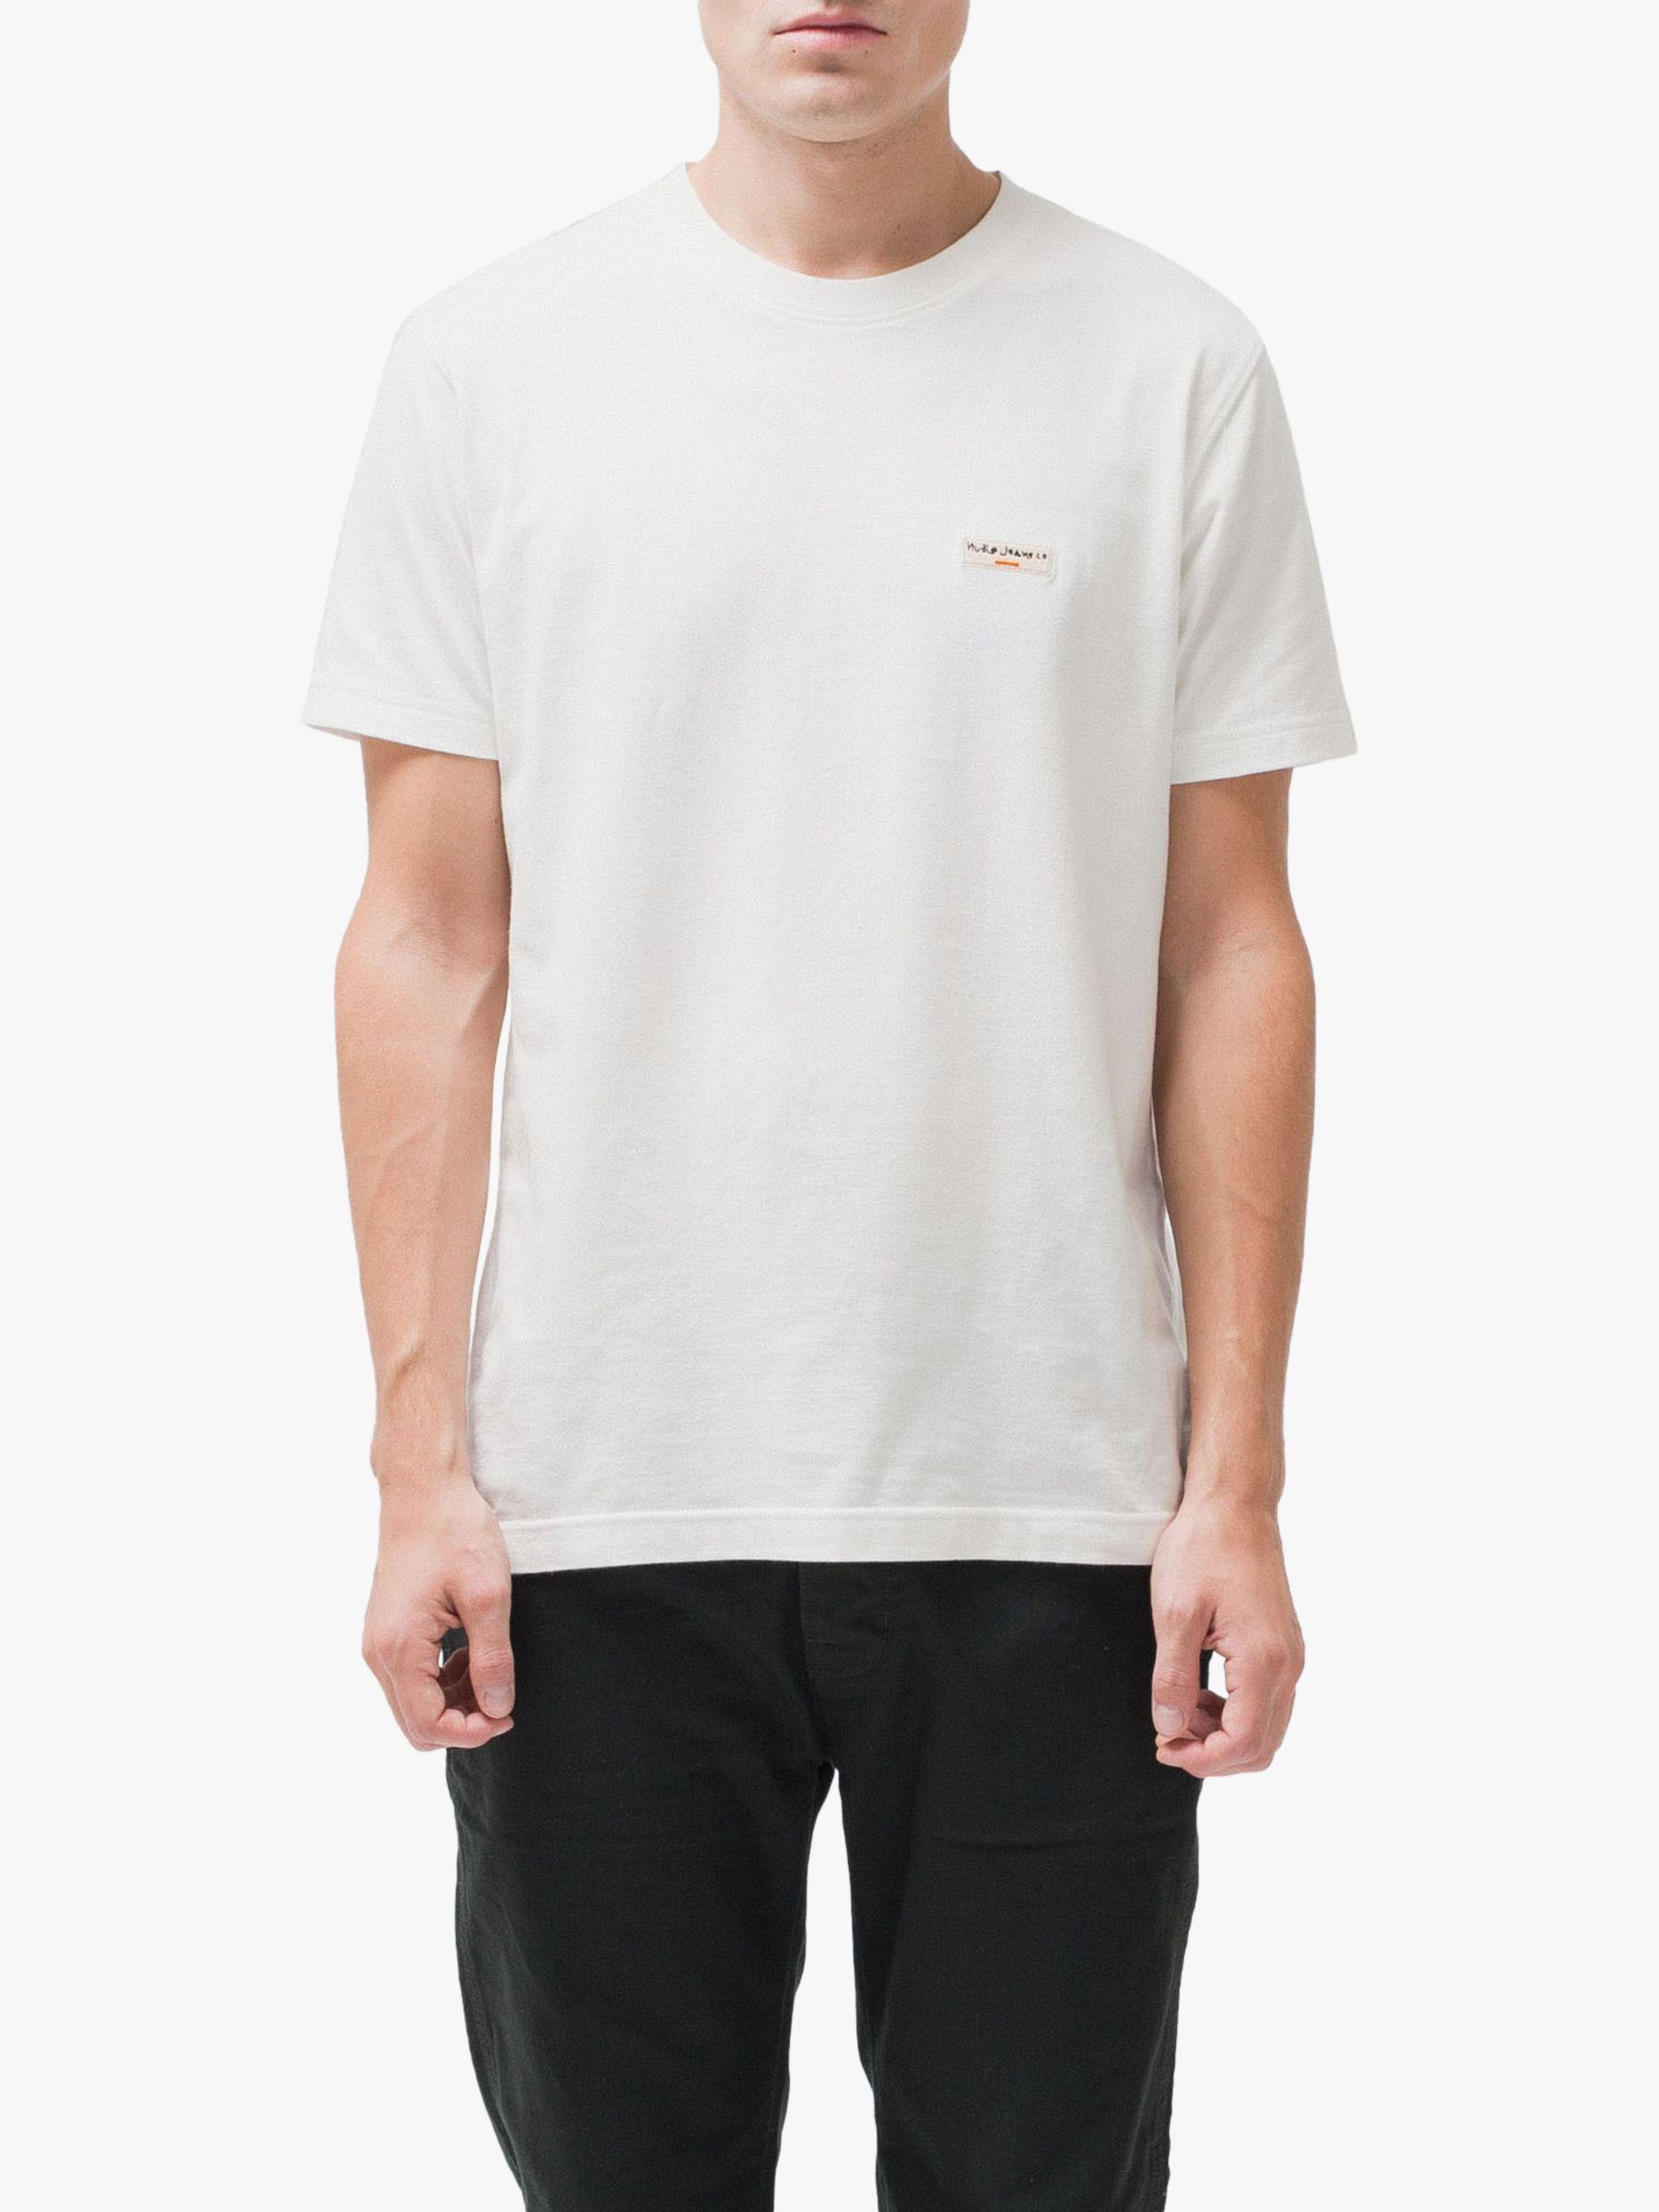 Nudie Jeans Nudie Jeans Daniel Logo T-Shirt